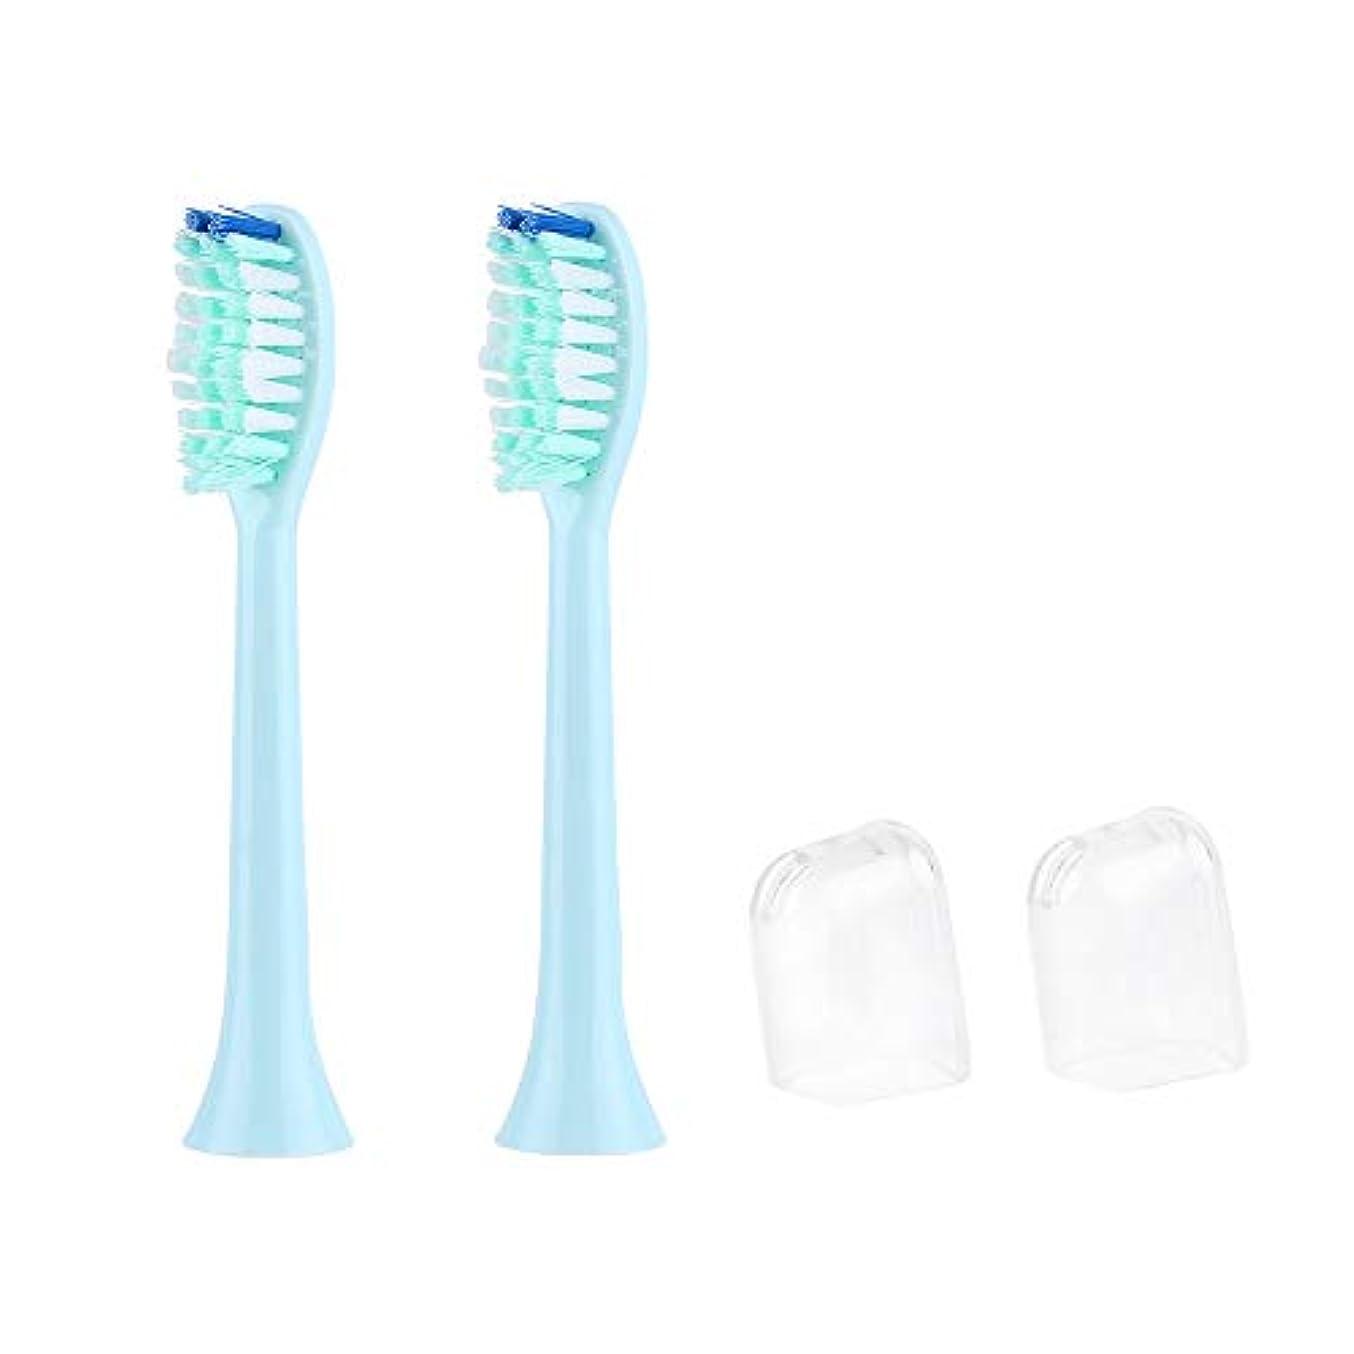 ミント平衡システムAILOVA 電動歯ブラシ用 替ブラシ 2本入 互換ブラシ ブラシヘッド やわらかめ